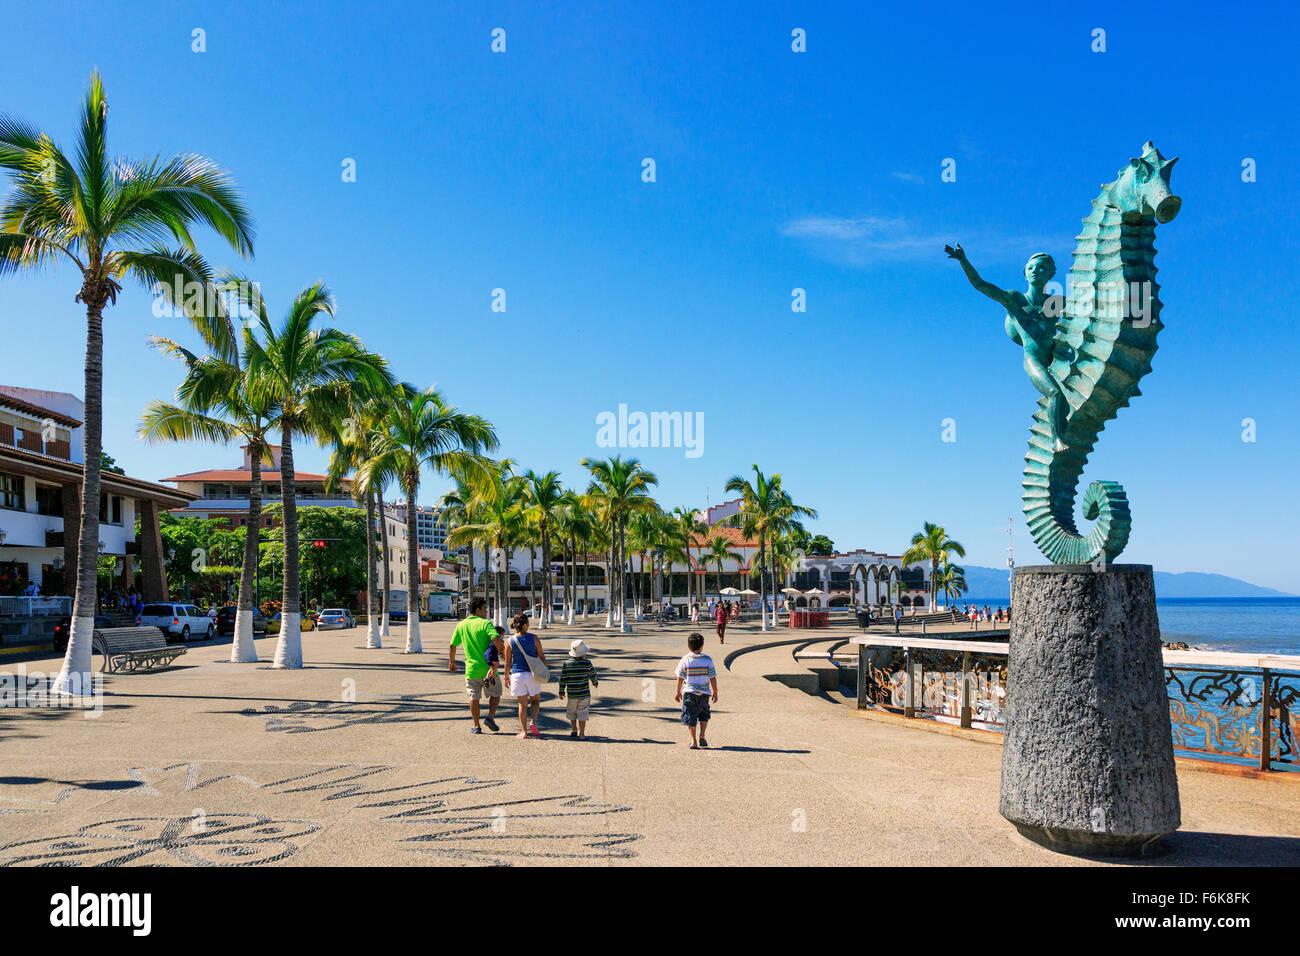 La promenade principale appelée Paseo Diaz Ordaz, El Centro, district de Puerto Vallarta avec Bahia de Banderas, Photo Stock